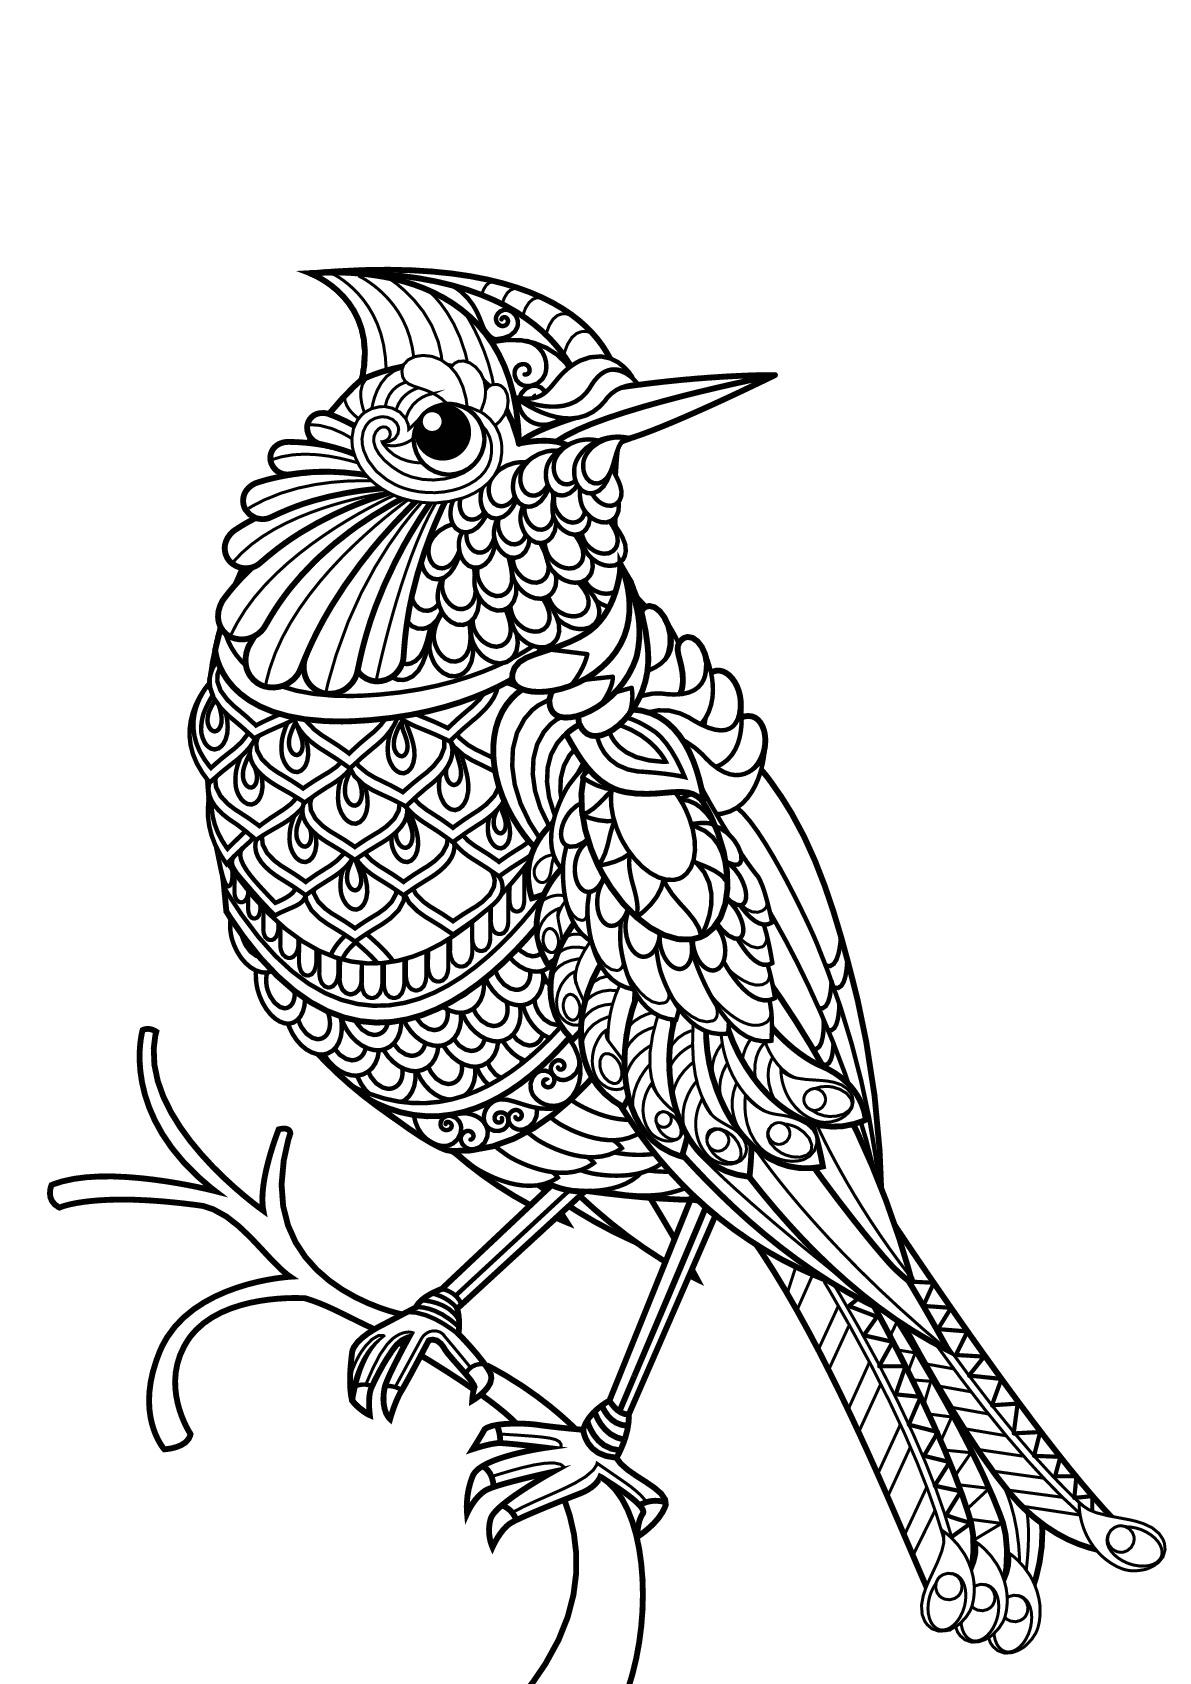 Livre Gratuit Oiseau - Oiseaux - Coloriages Difficiles Pour pour Livre De Coloriage À Imprimer